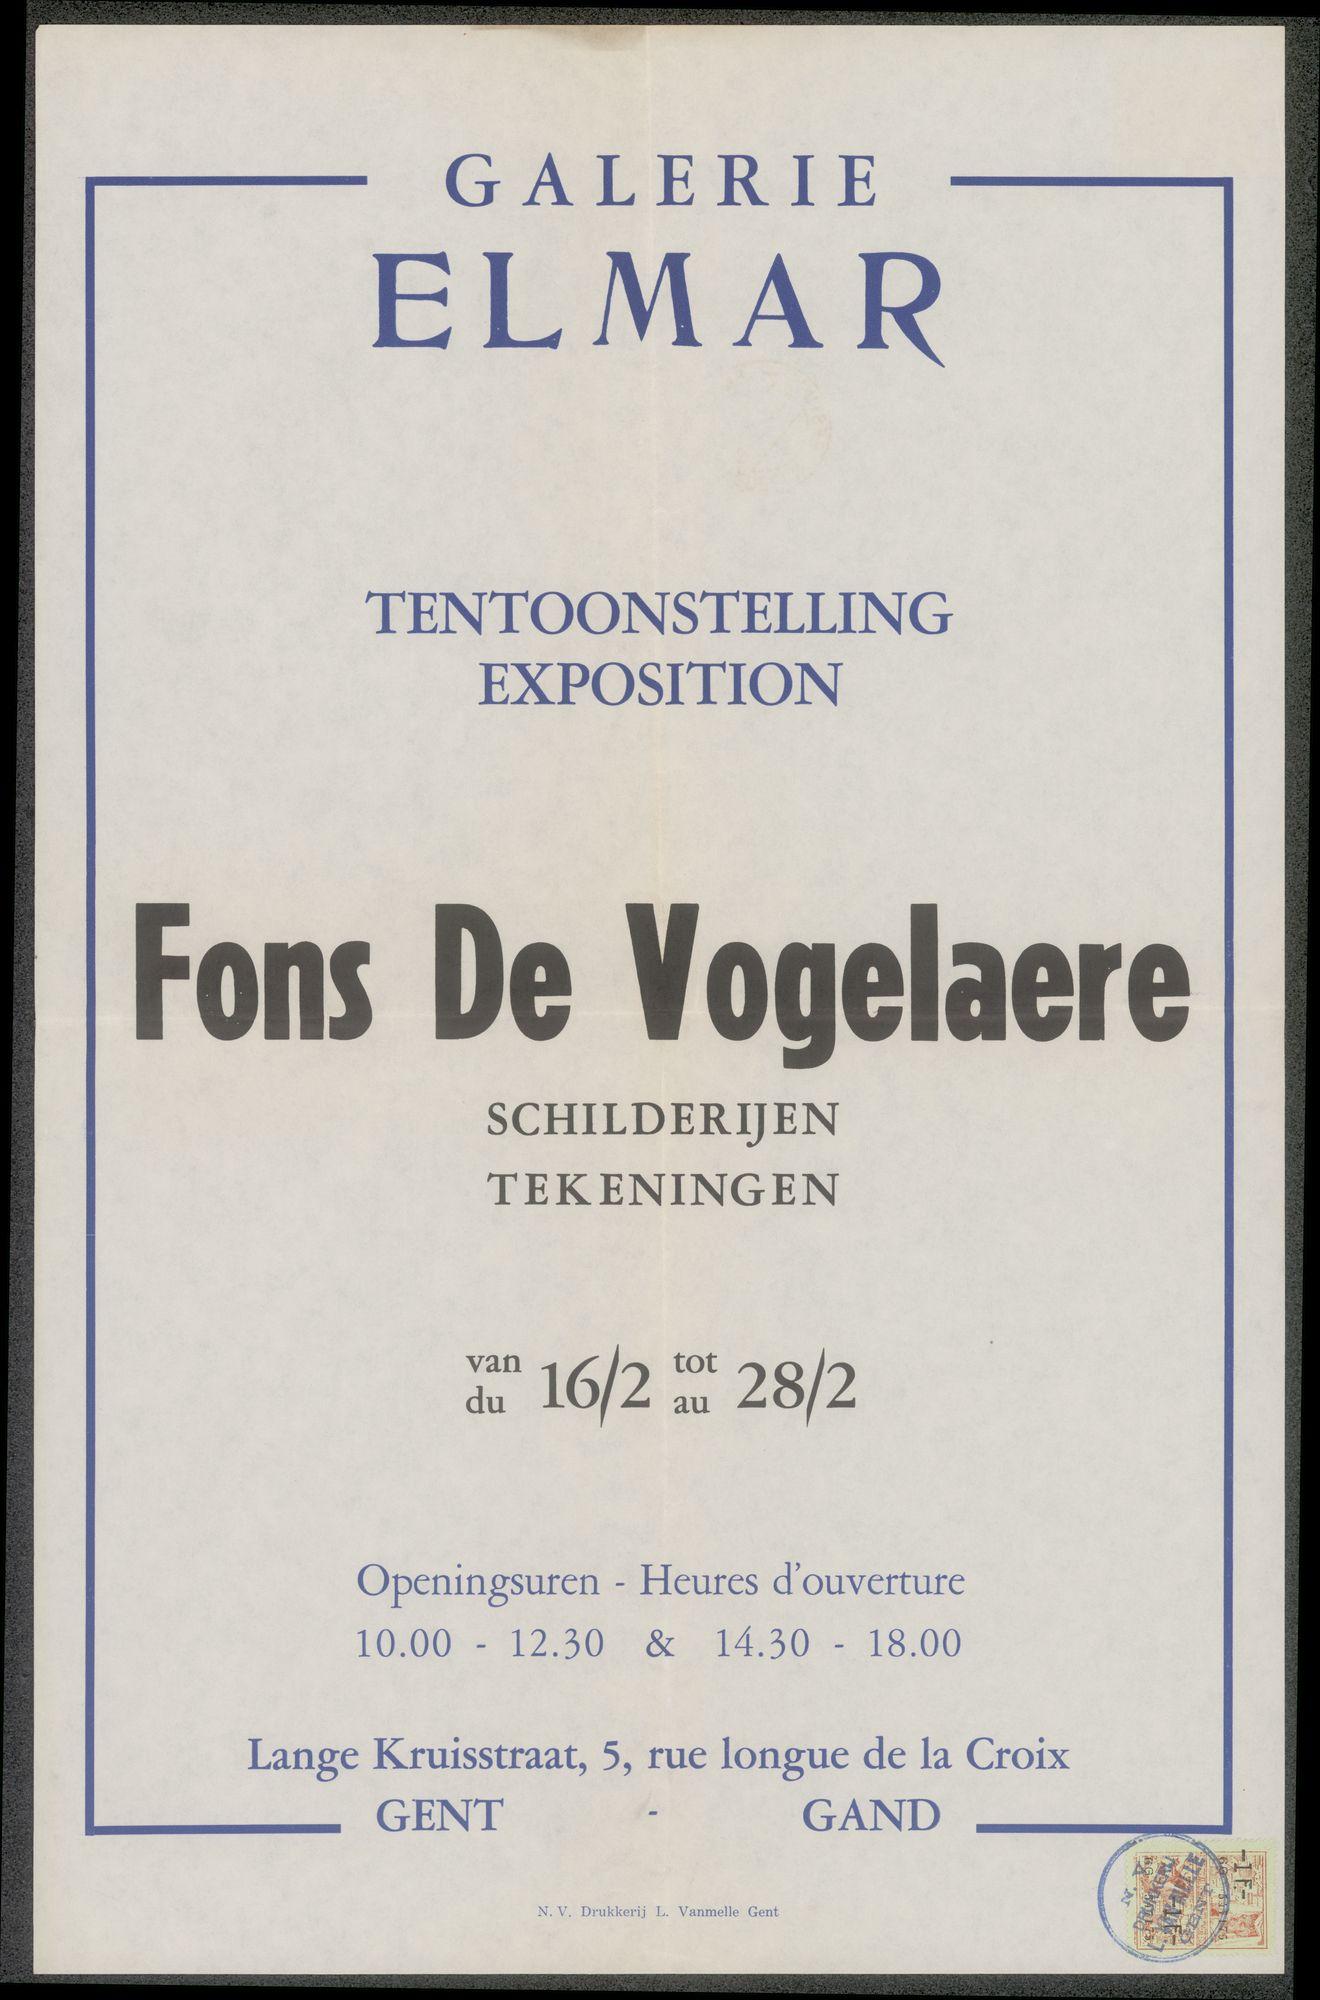 Tentoonstelling Fons De Vogelaere: schilderijen, tekeningen, Galerie Elmar, Lange Kruisstraat 5, Gent, 16 februari - 28 februari 1958